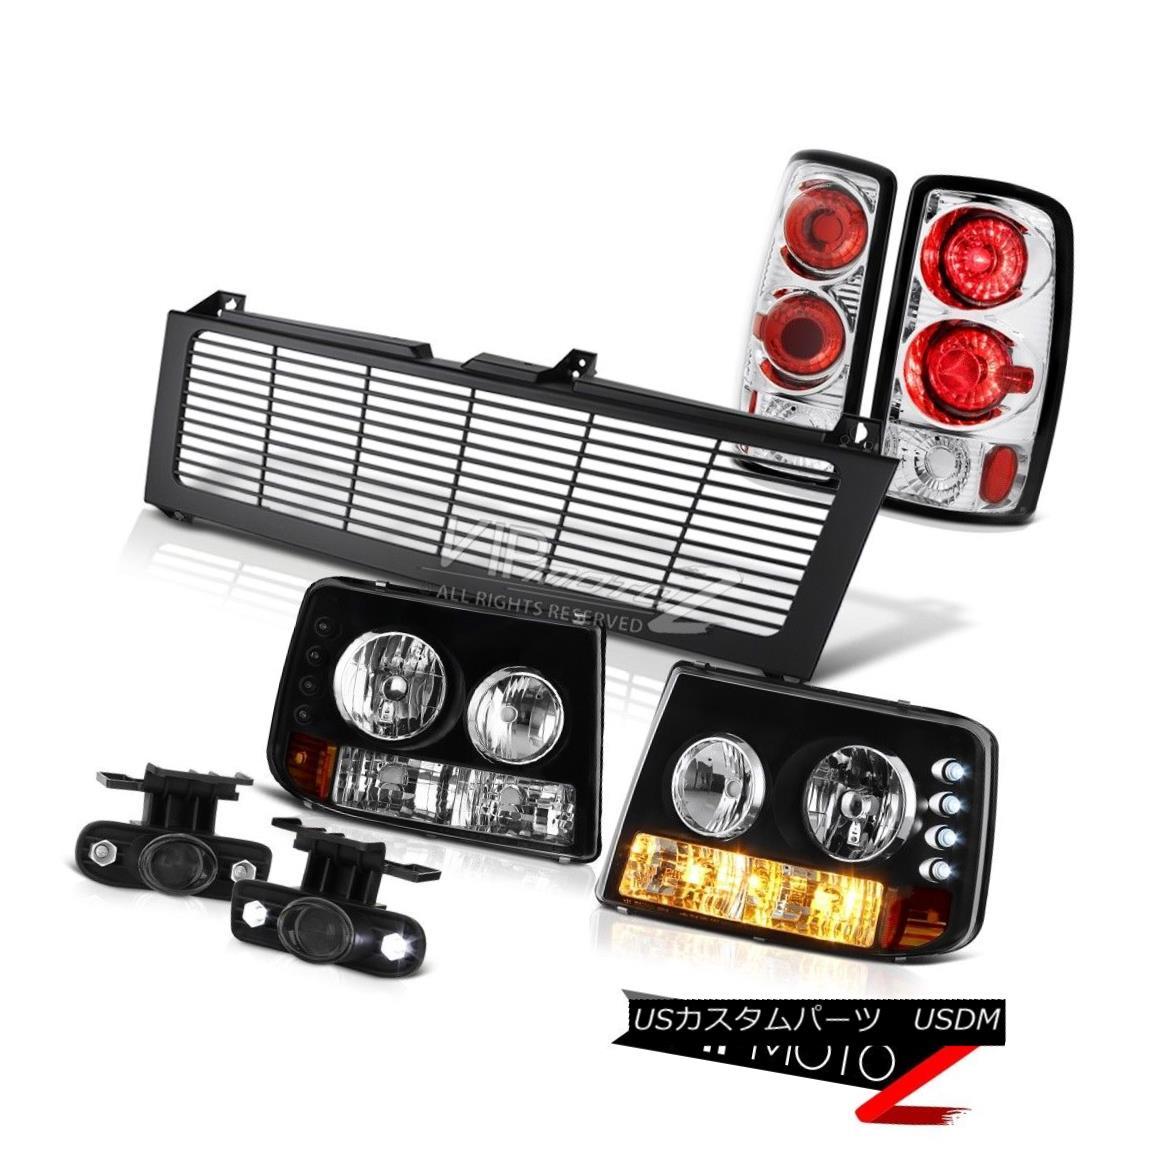 ヘッドライト 00 01 02 03 Suburban 5.7L Parking Headlamp Brakelight Projector Fog Black Grille 00 01 02 03郊外5.7LパーキングヘッドランプBrakelightプロジェクターフォグブラックグリル